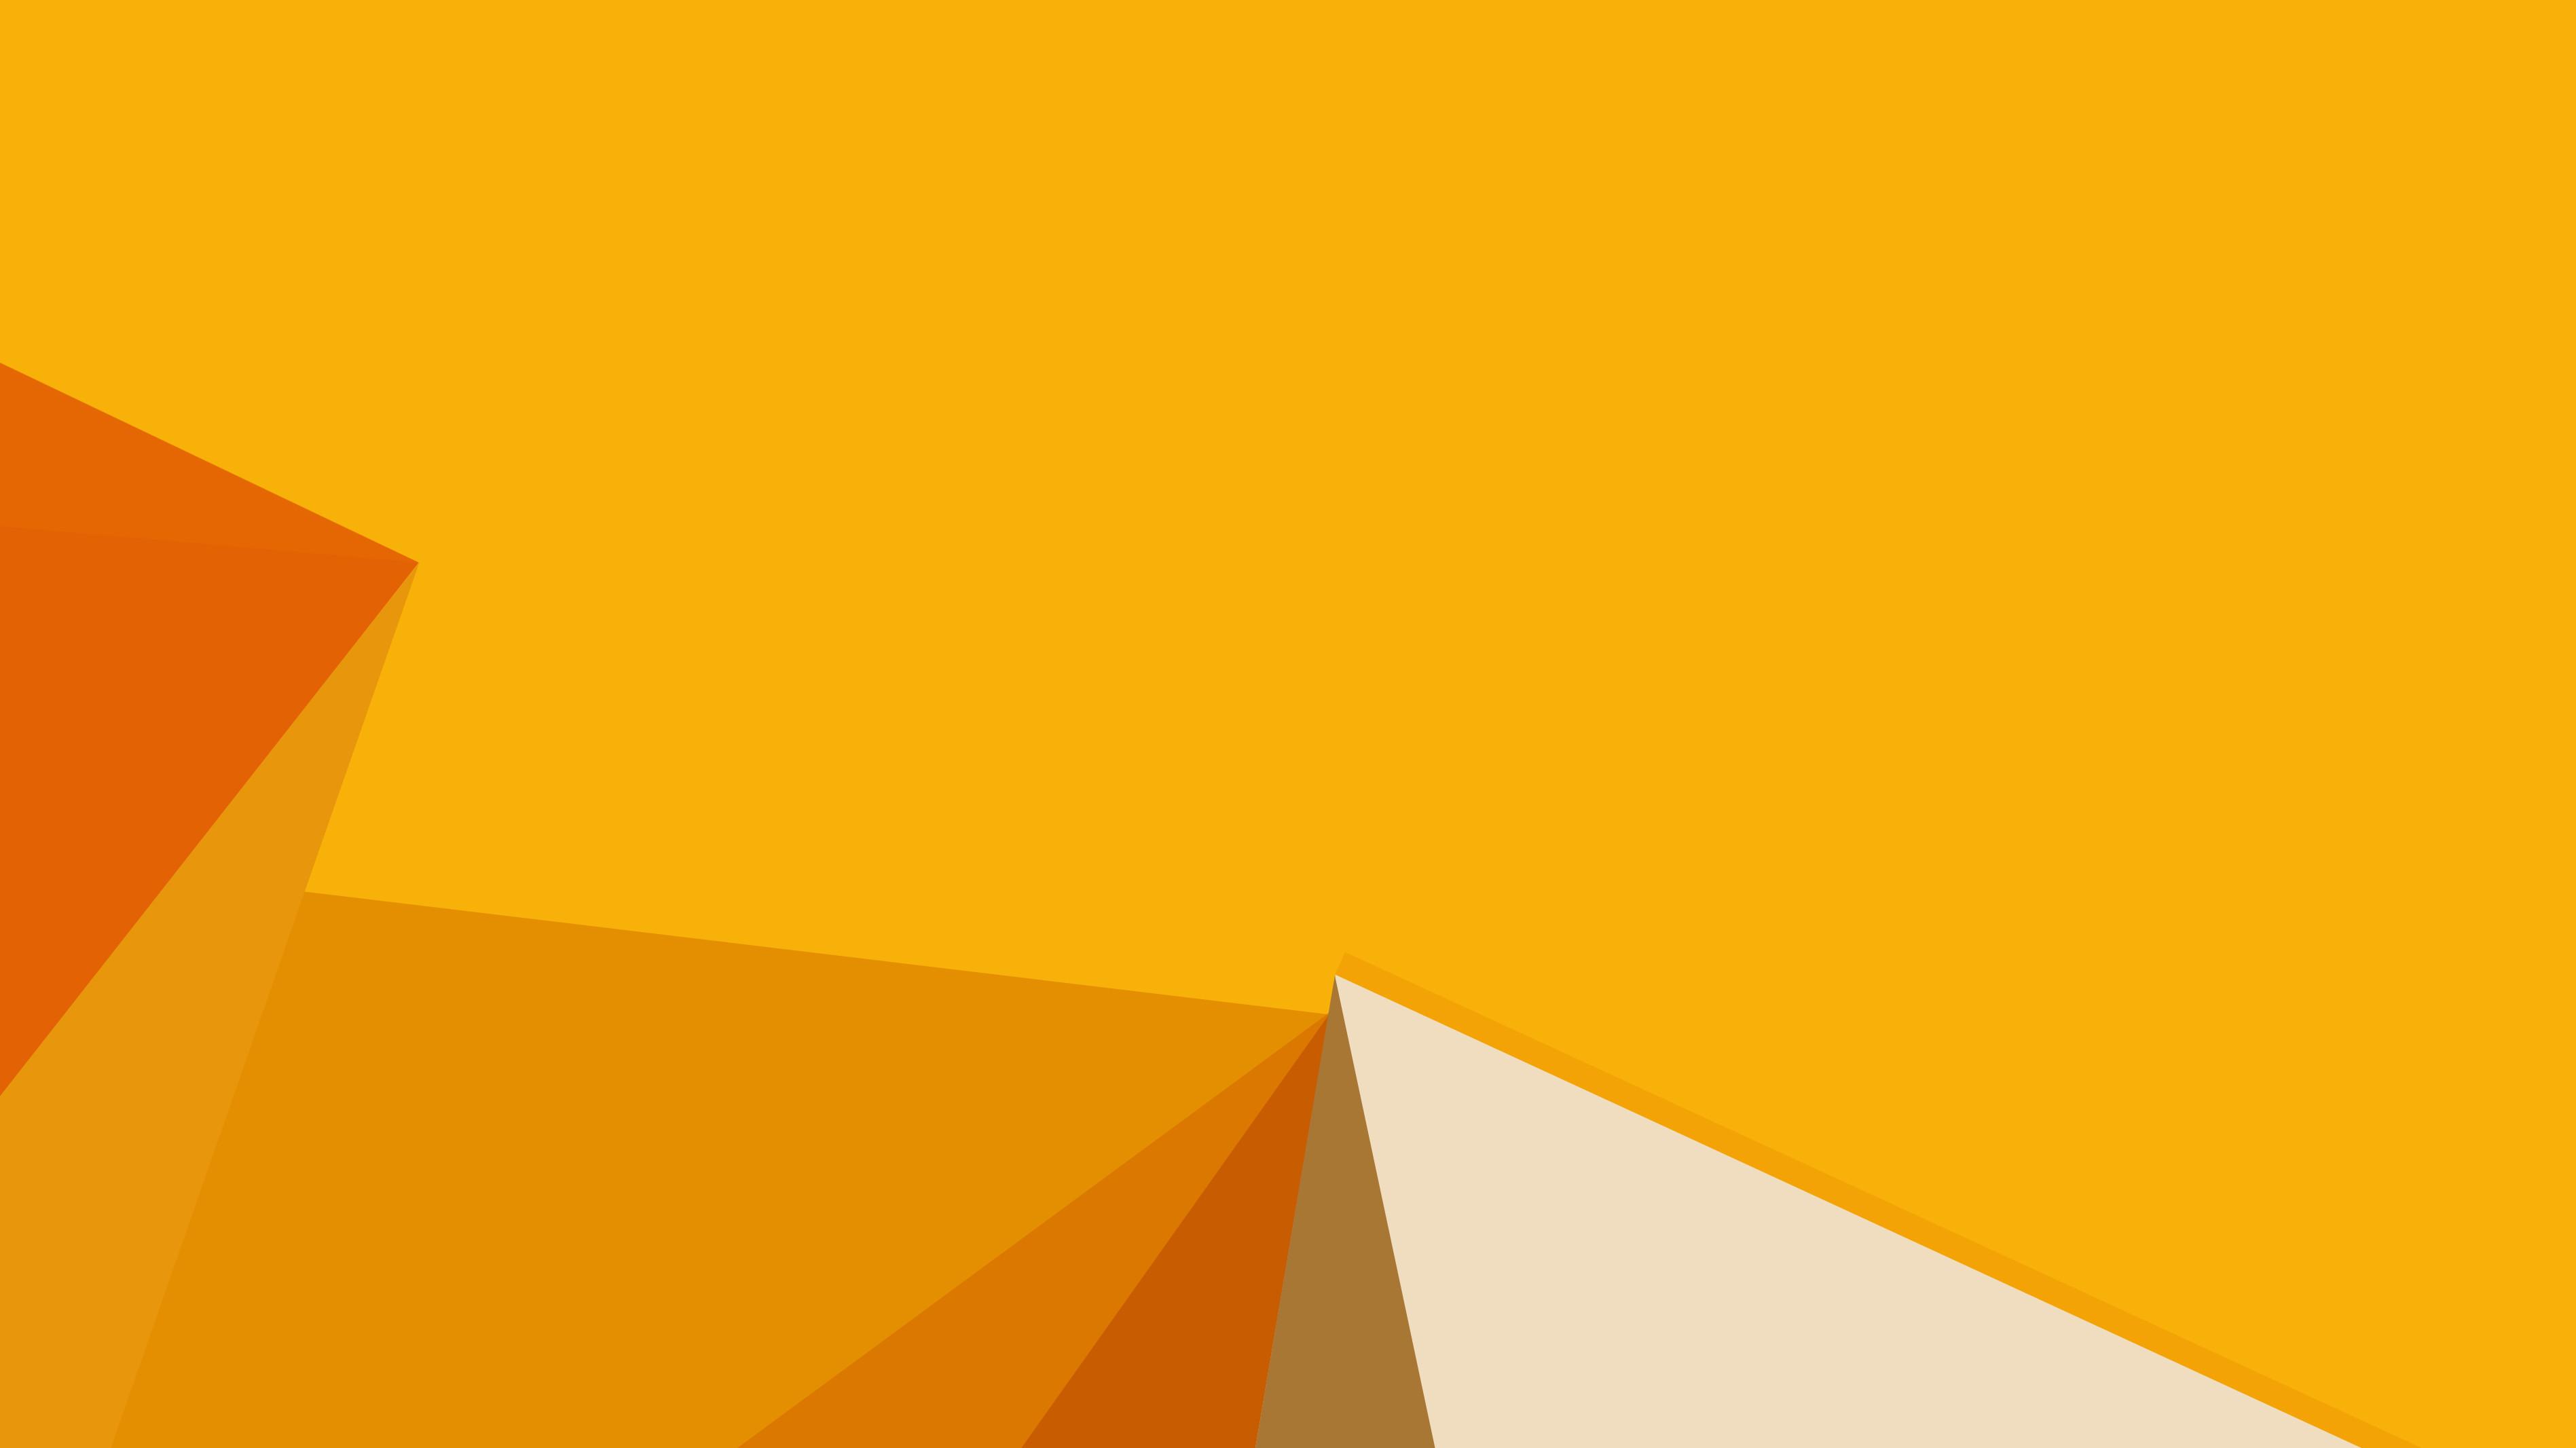 Flat Wallpaper Hd 69 Images